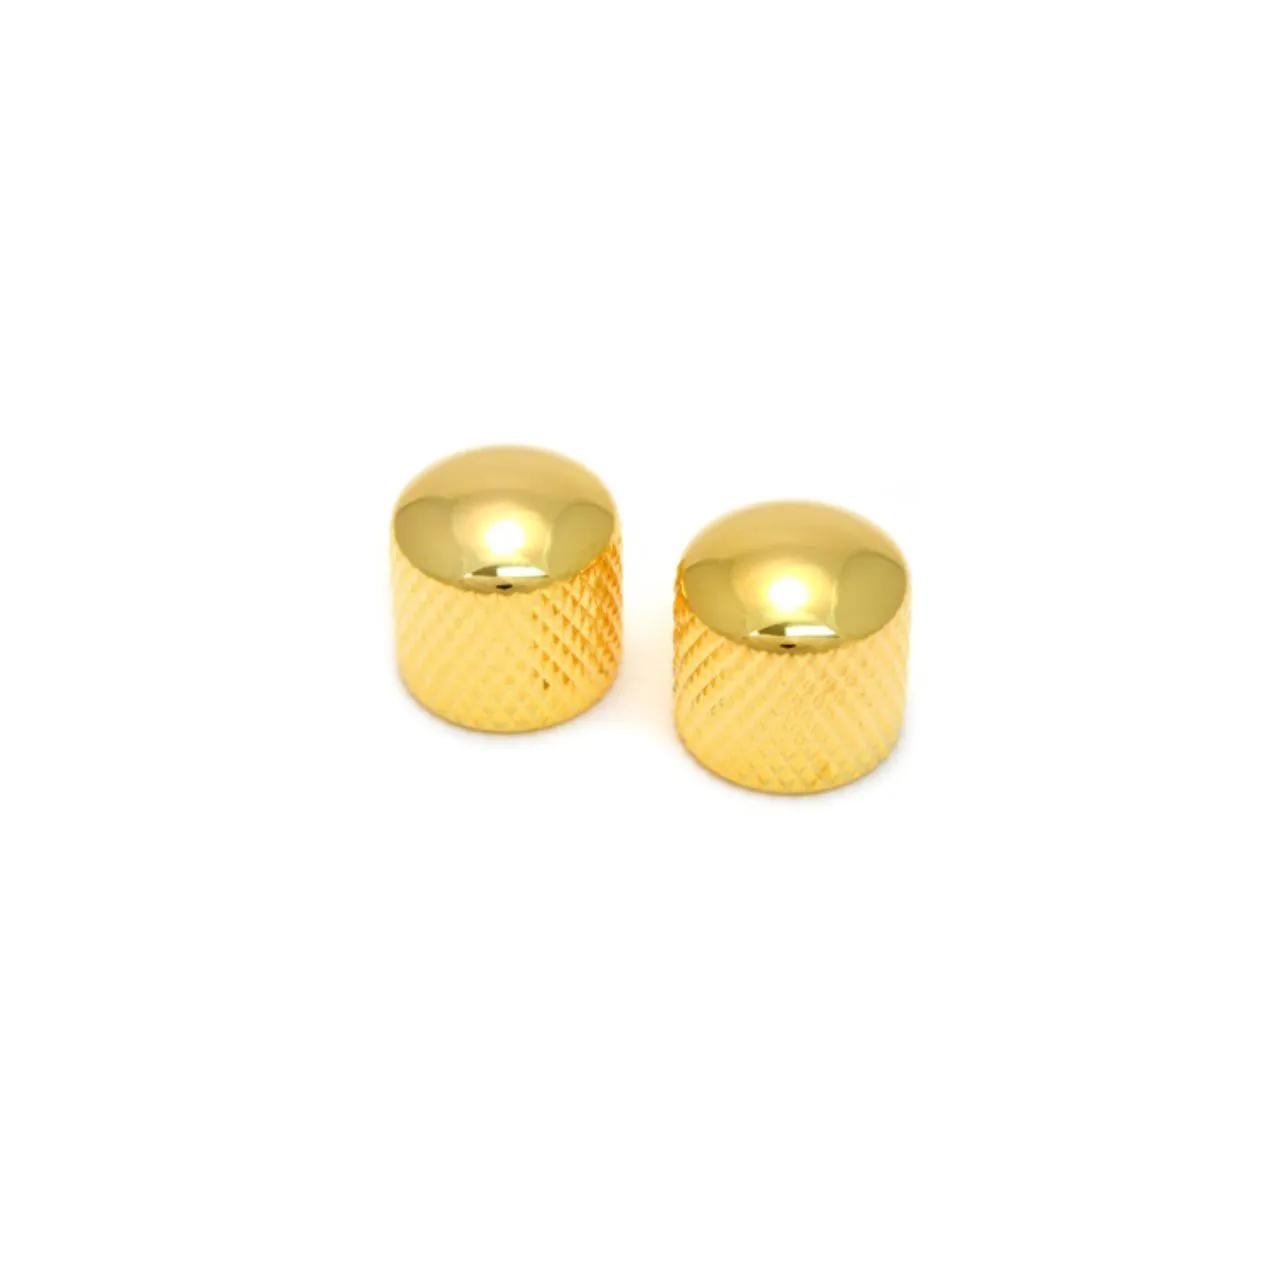 Knob Metal Encaixe S/ Parafuso Dourado Pct C/4 Dolphin